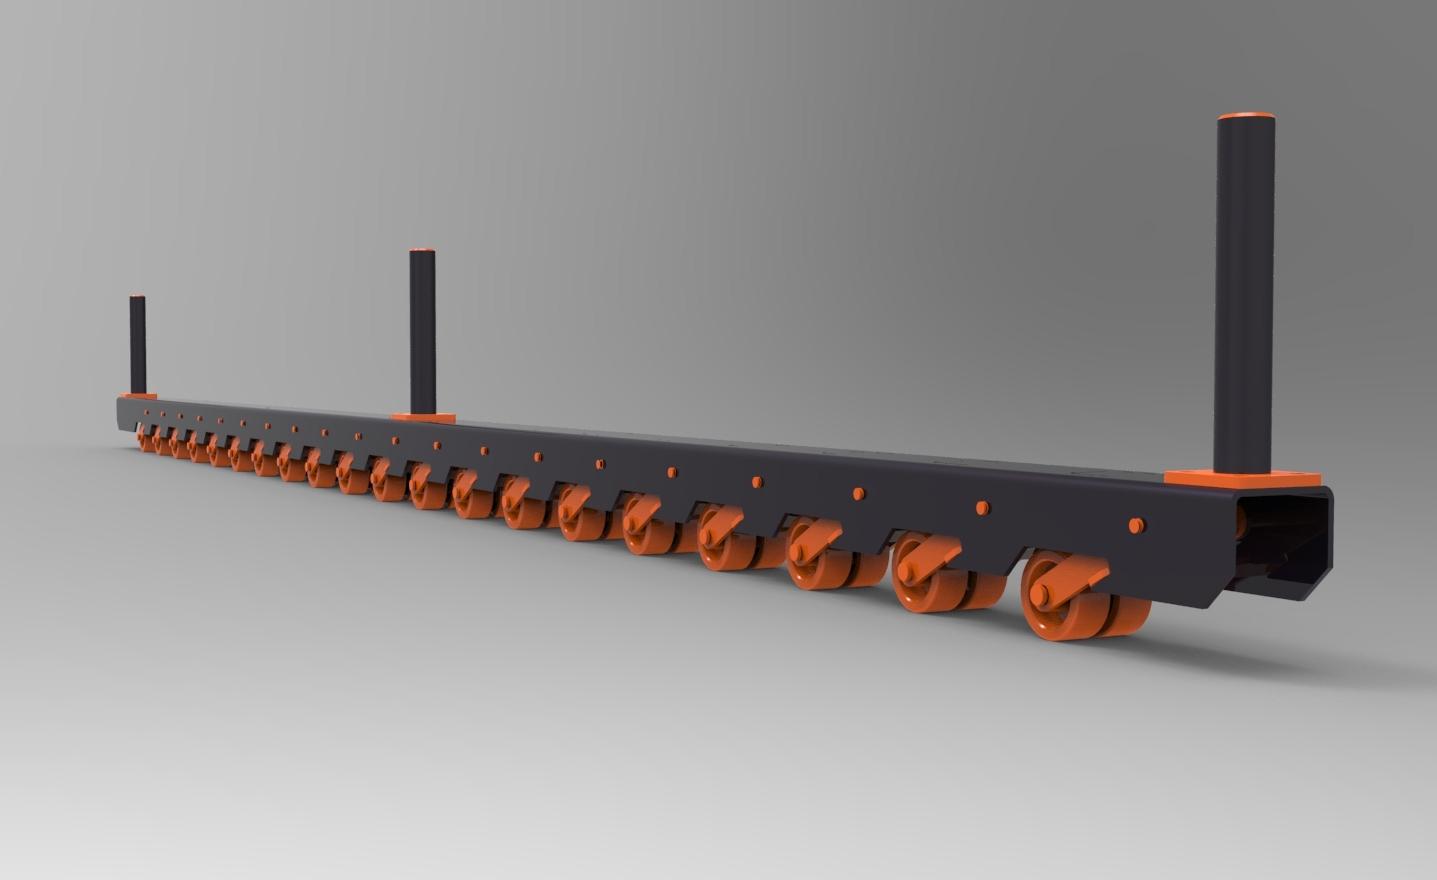 Imagens de #A84923 Blocos FP 3D: Trilho de Rodízios de Pressão – Blocos Fabrica do  1437x880 px 3456 Bloco Banheiro Autocad 3d